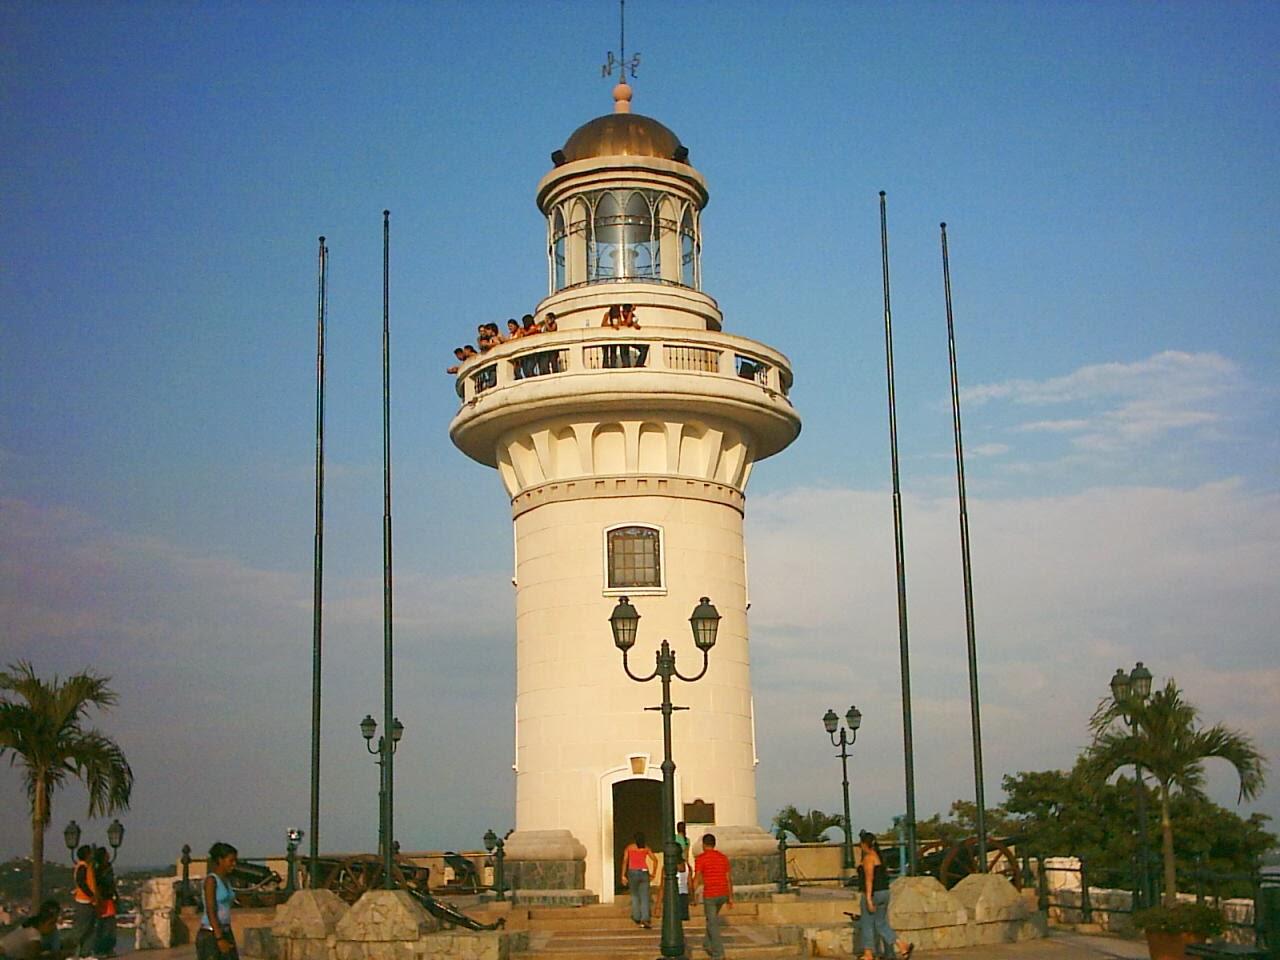 El Faro Icono de la ciudad